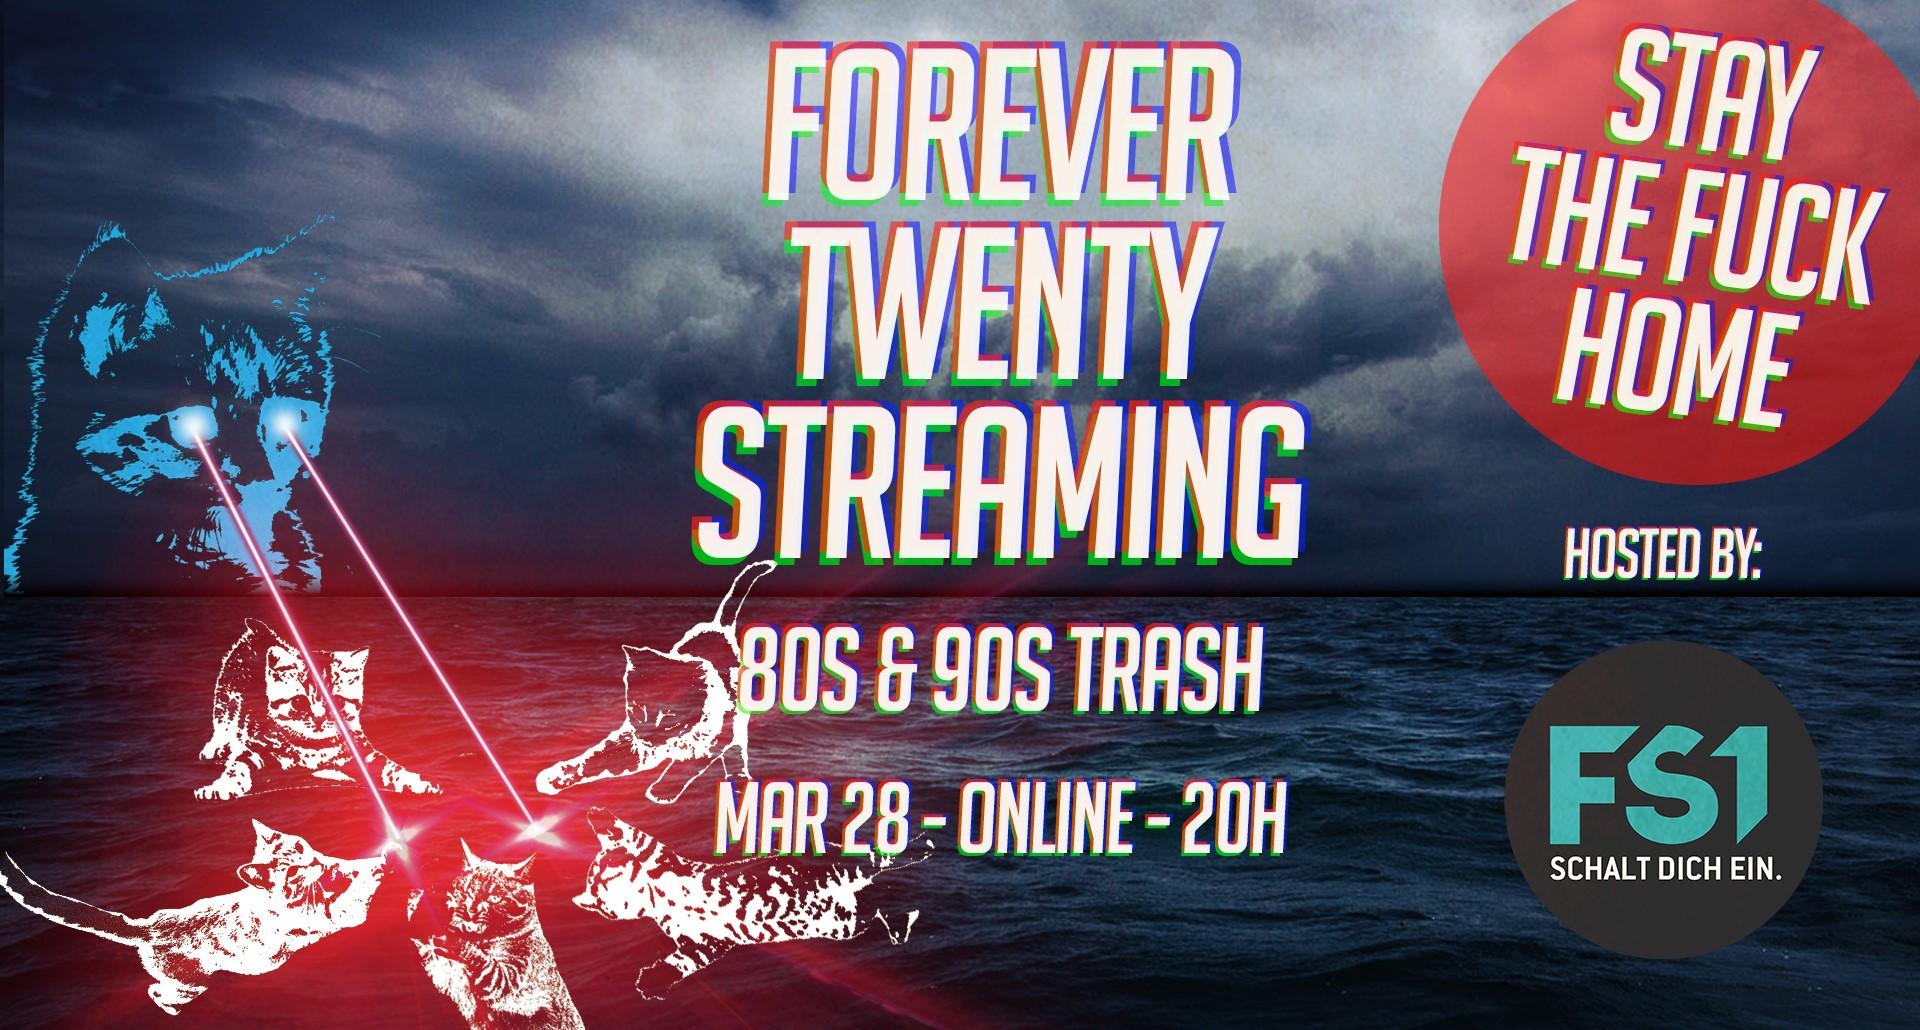 Forever Twenty Streaming